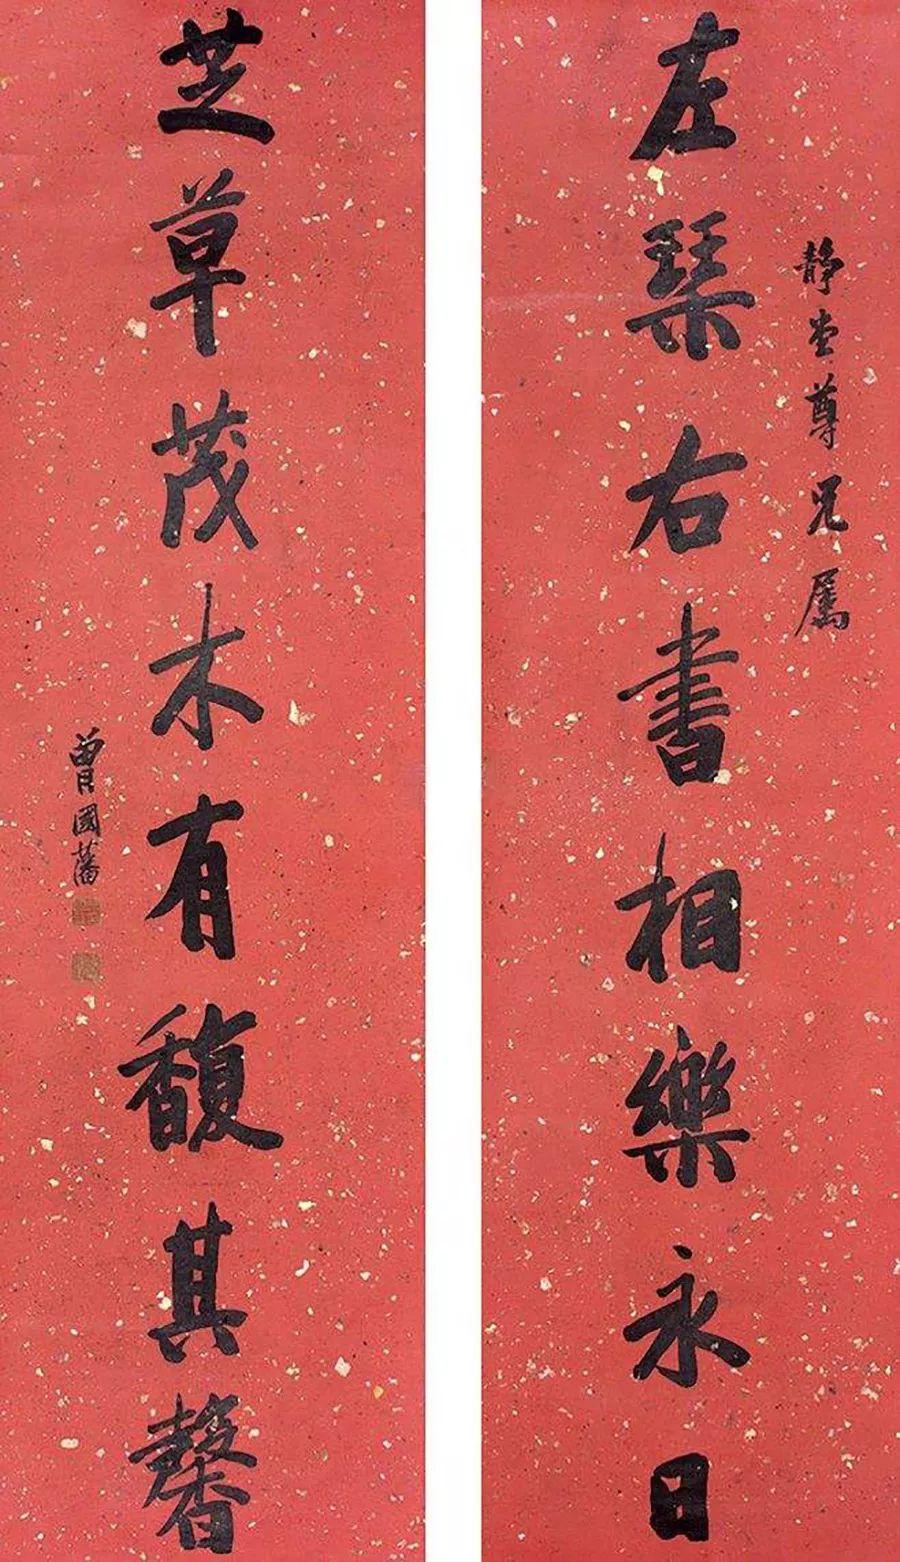 曾国藩传谁写的好_告别千篇一律的春联,看古人如何写对联......_书法资讯_邓丁生 ...